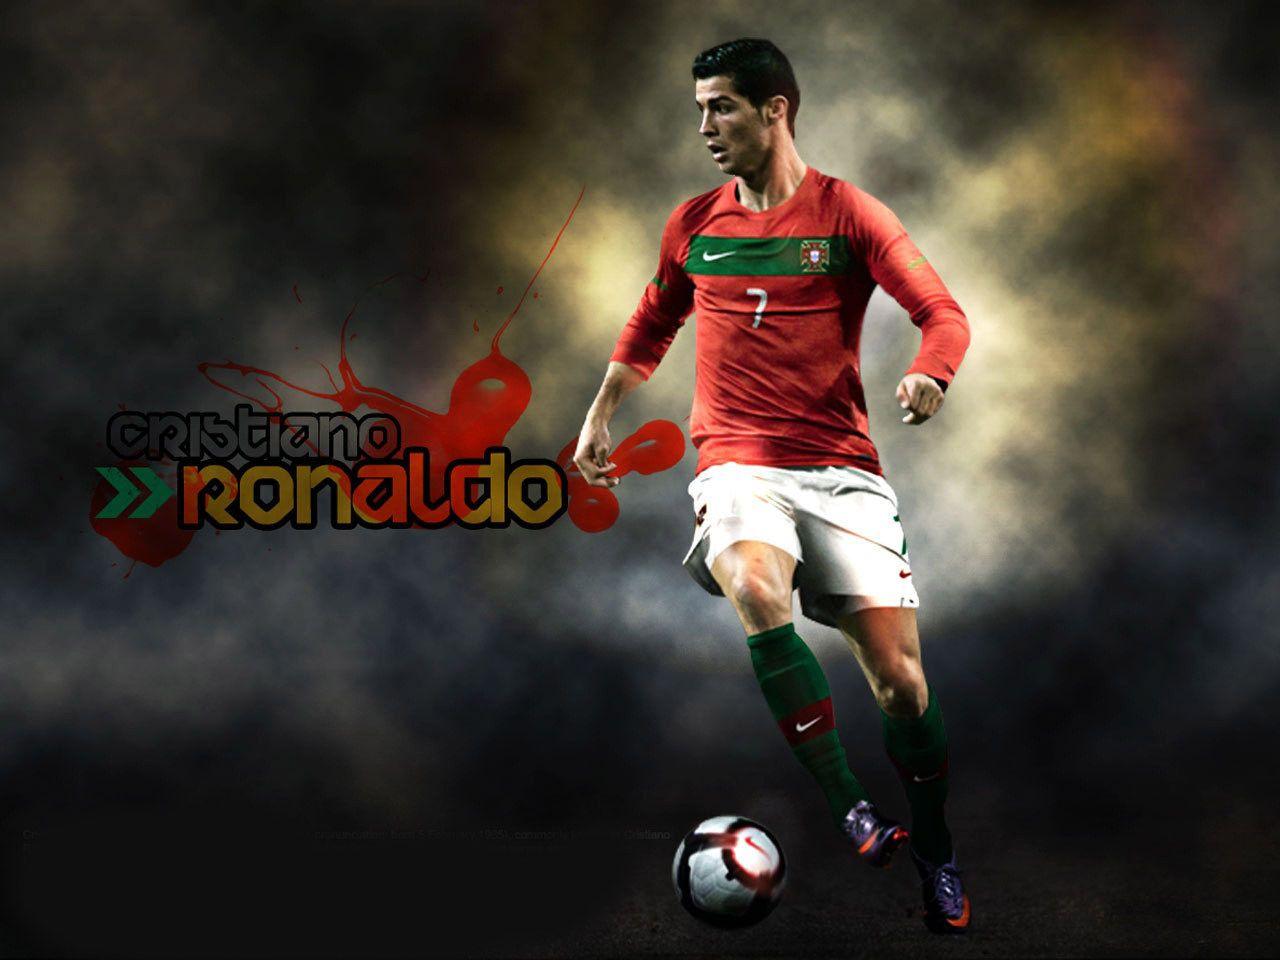 Cristiano Ronaldo Soccer Player 2012 Cristiano Ronaldo Ronaldo Ronaldo Soccer Player